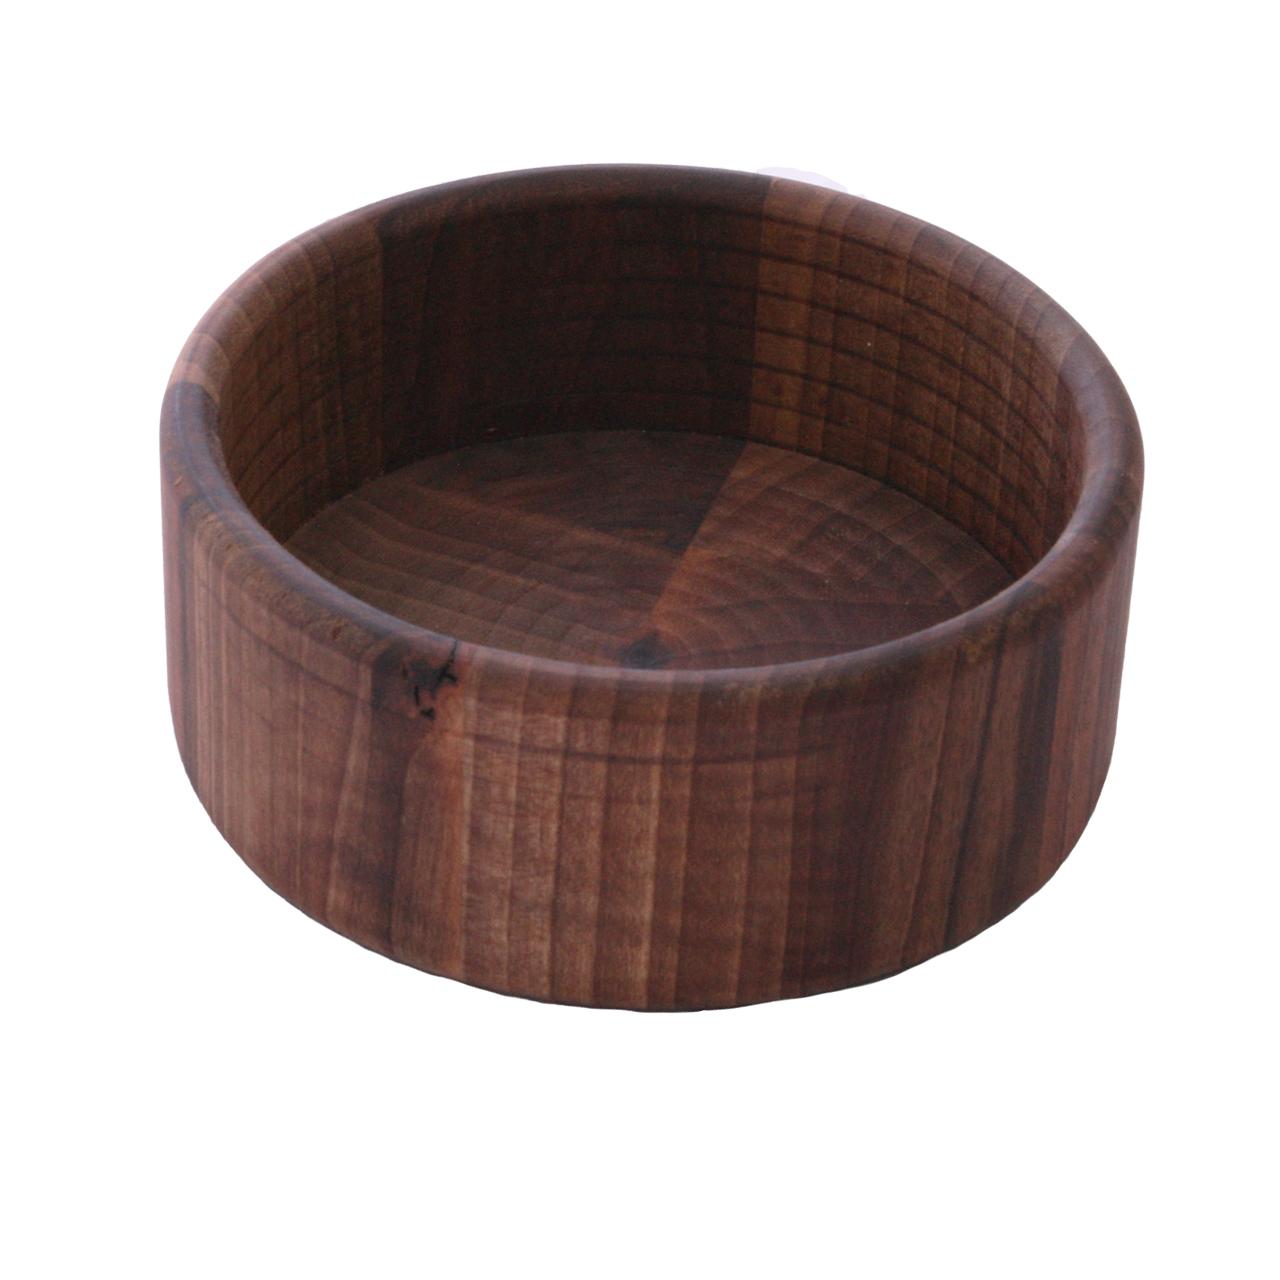 ظرف چوبی کد 12